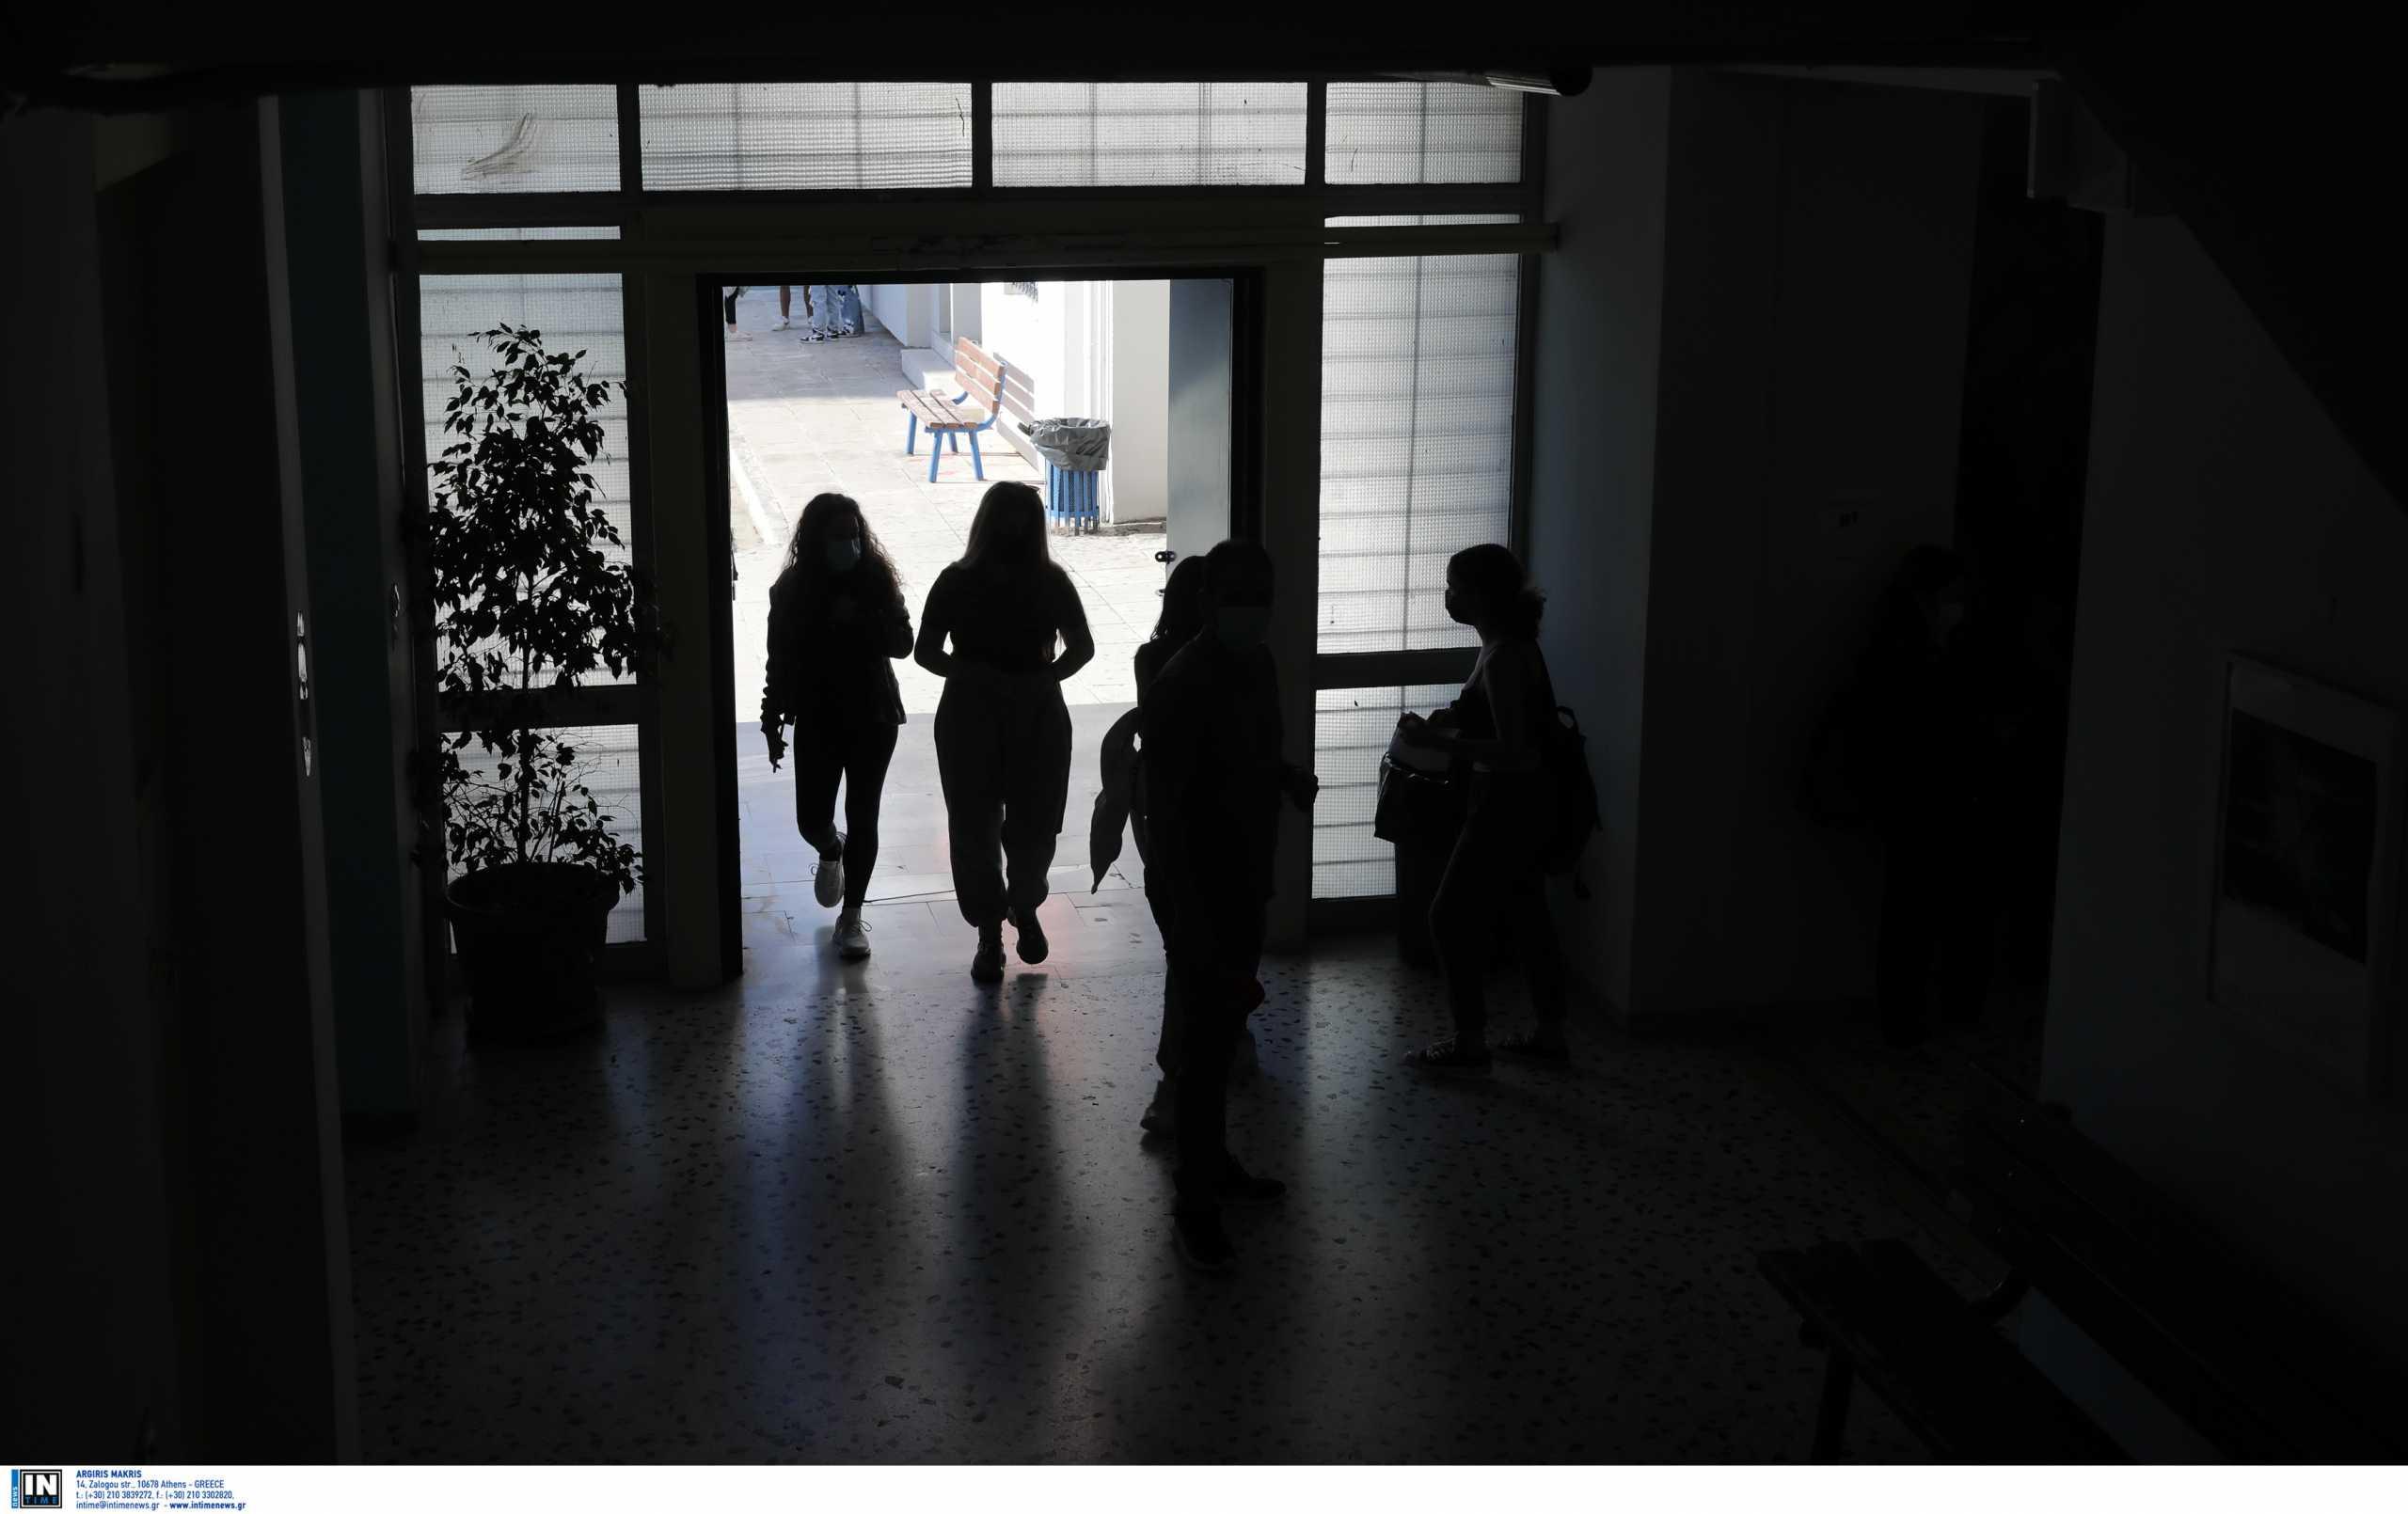 Νίκος Τζανάκης: Στο νοσοκομείο θα καταλήξουν έως 500 παιδιά με κορονοϊό